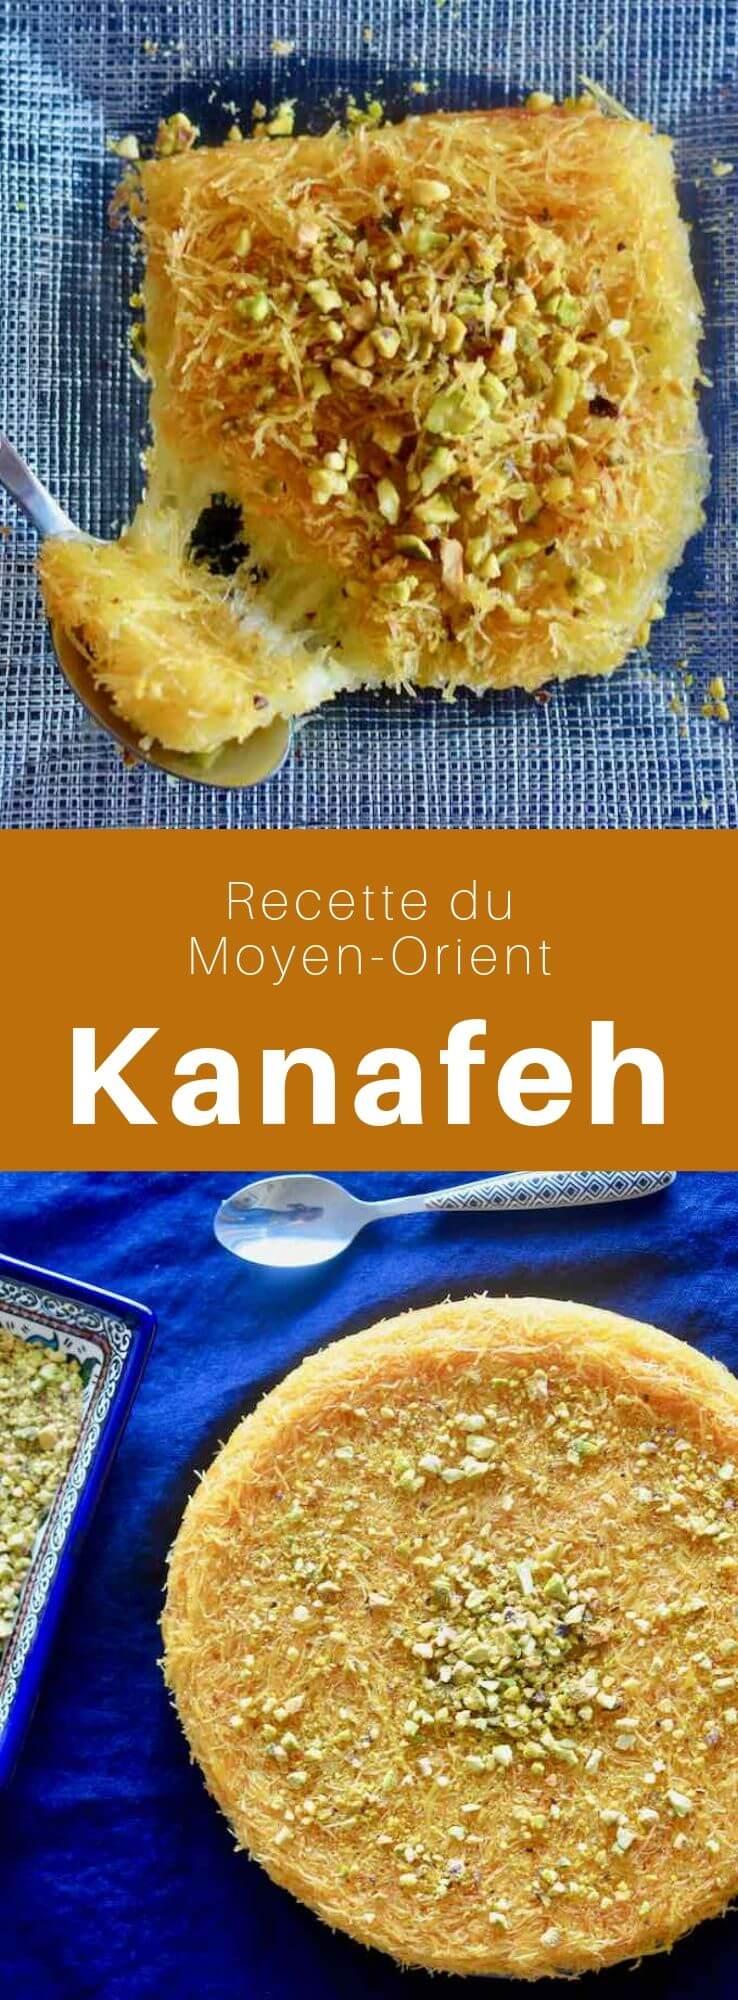 Le kanafeh est une pâtisserie typique du Moyen-Orient, trempée de sirop, à base de kadaif (cheveux d'ange), de fromage akawi, de beurre et de pistaches ou de noix. #ProcheOrient #CuisineMoyenOrientale #MoyenOrient #CuisineArabe #RecetteArabe #CuisineSyrienne #RecetteSyrienne #CuisineDuMonde #196flavors